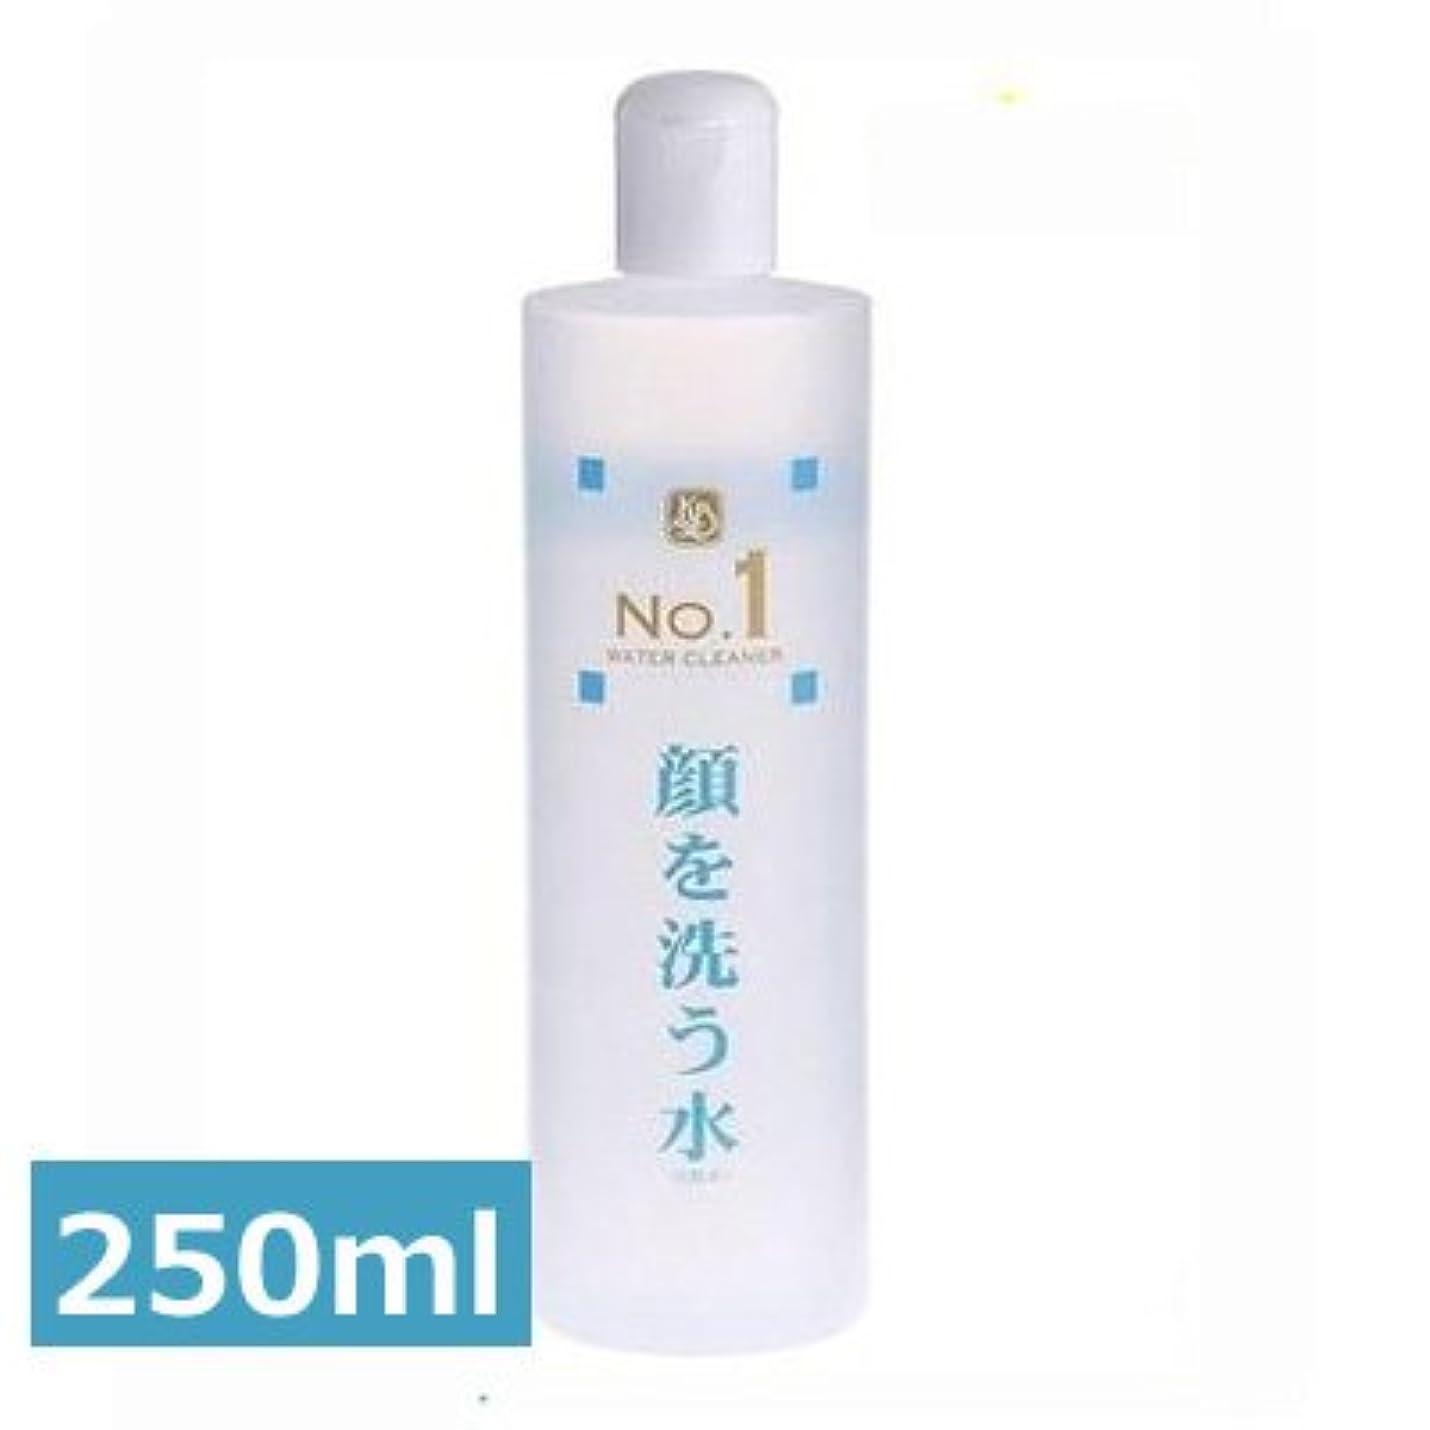 性能セブンブーストウォータークリーナー カミヤマ美研 顔を洗う水 No.1 250ml 2本セット